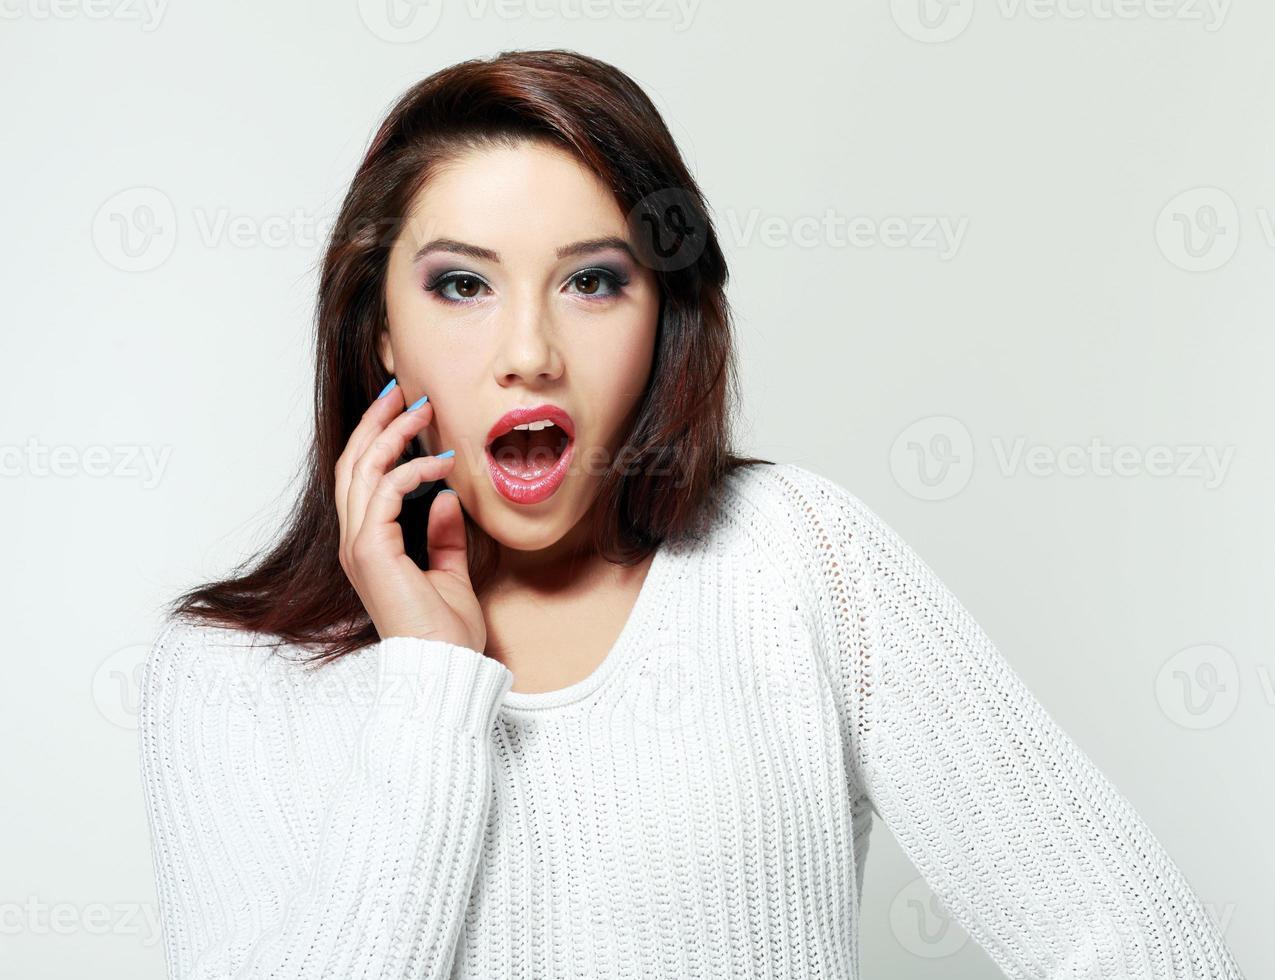 donna scioccata foto